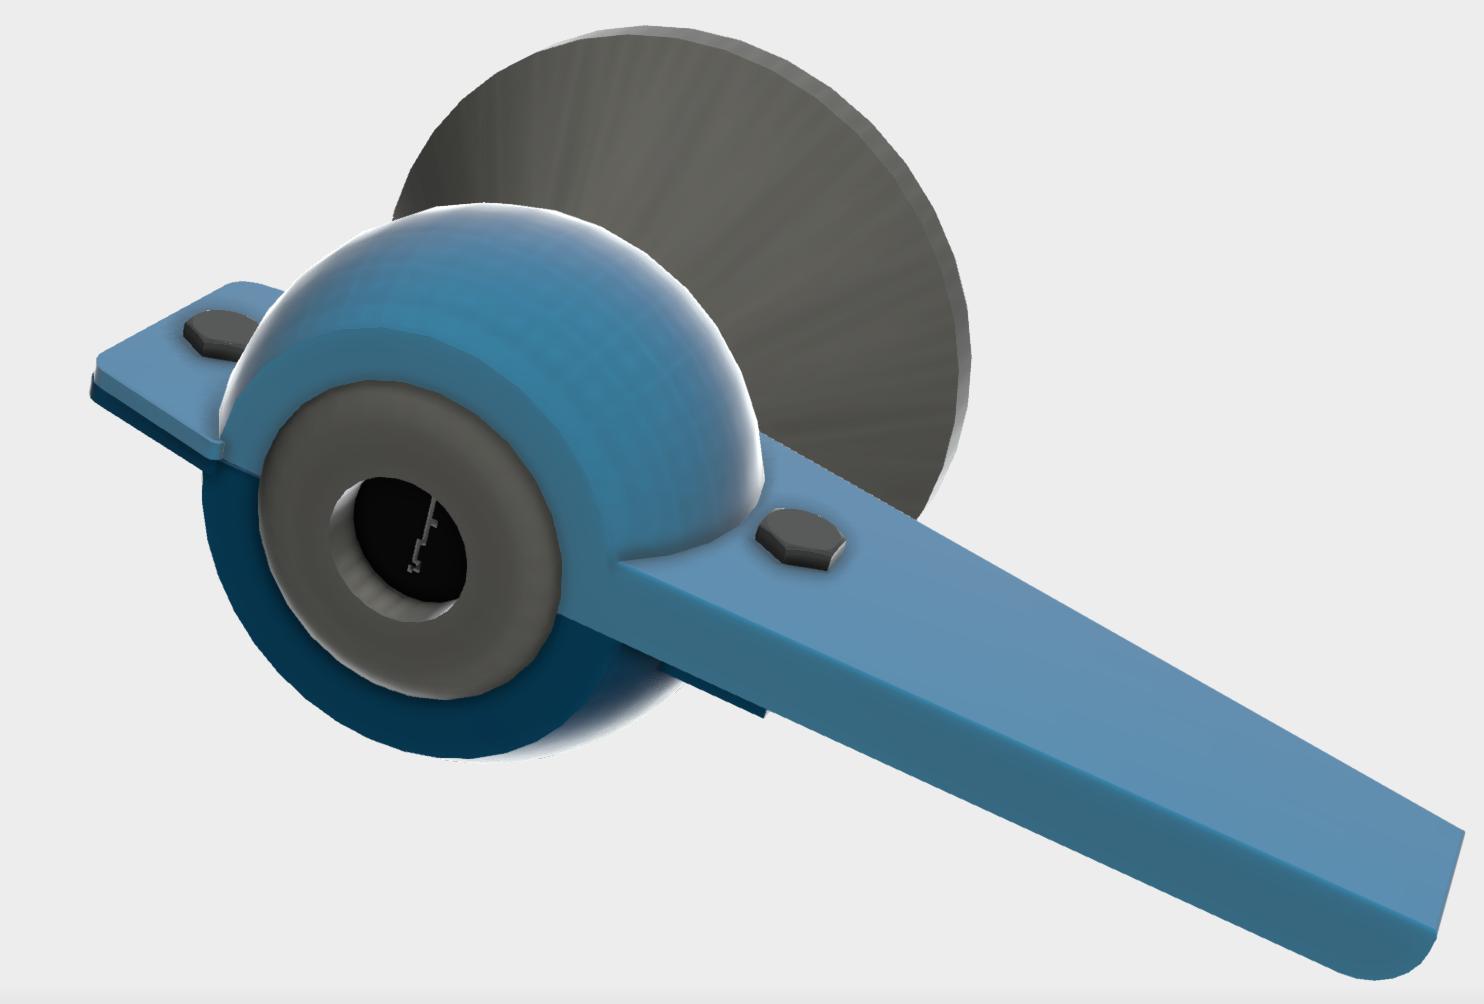 Wrist door handle